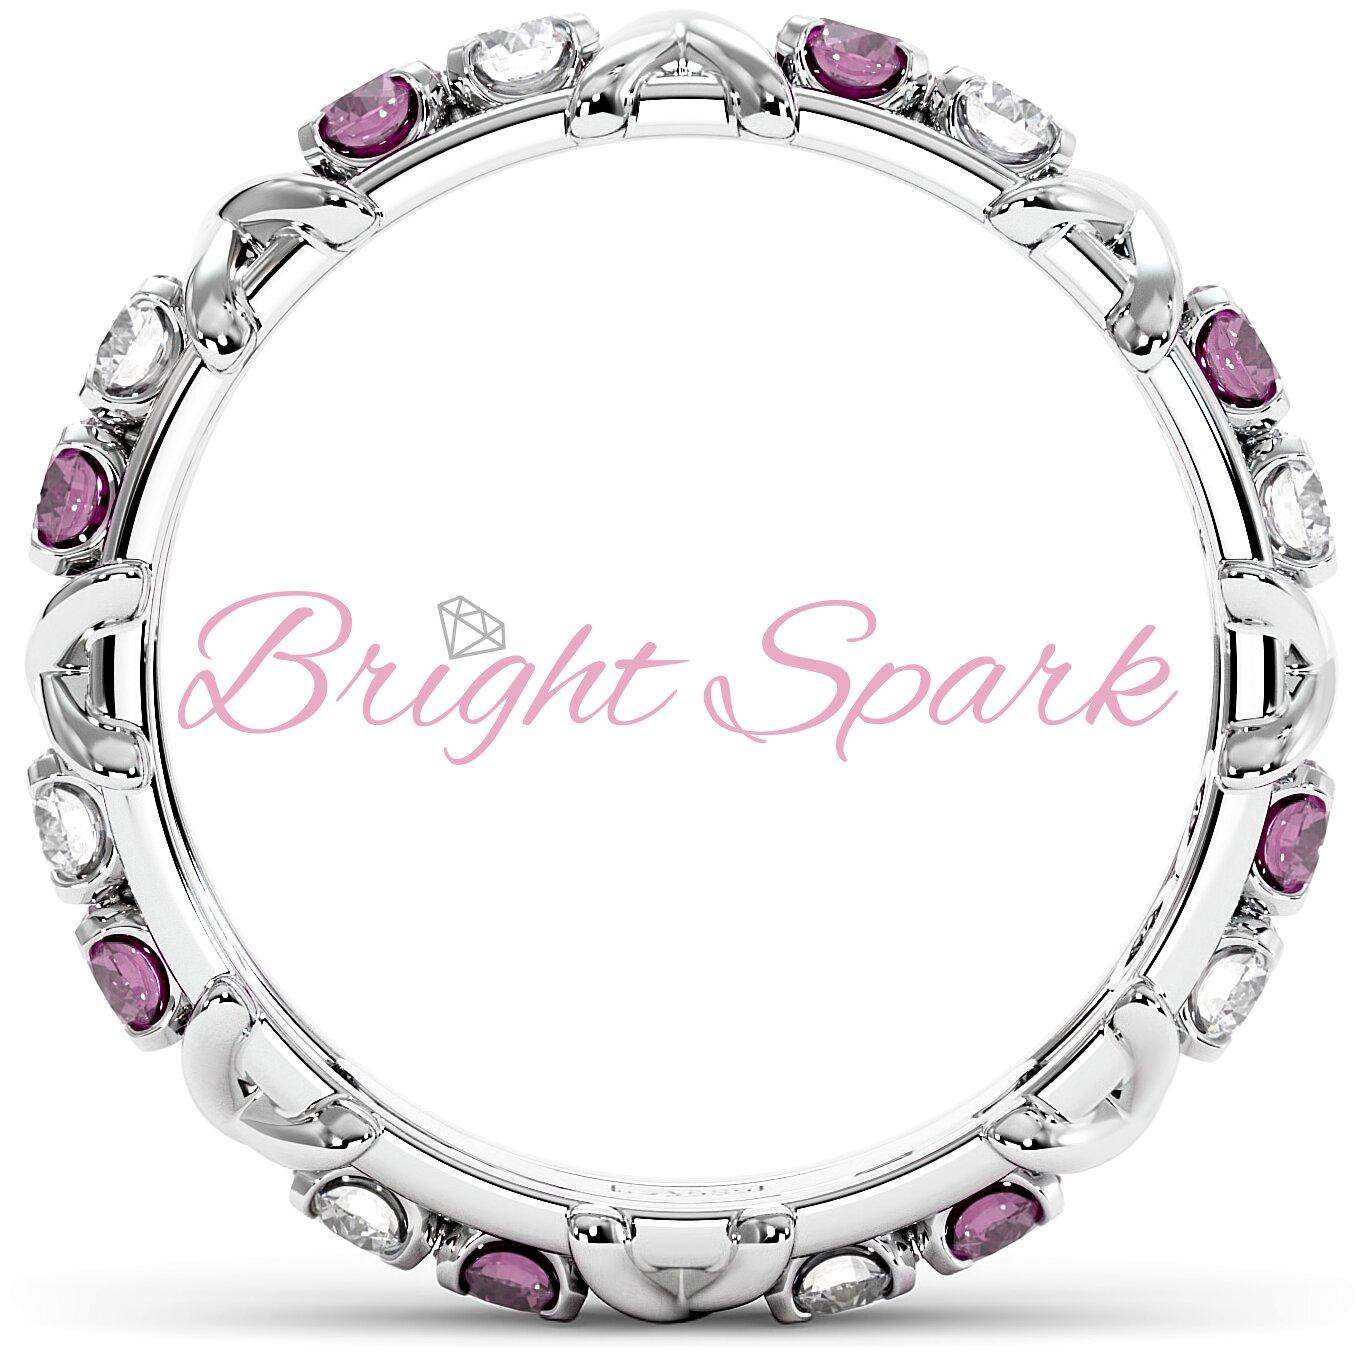 Кольцо с иксами  и розовыми сапфирами Tiffany Sixteen Stones by Schlumberger